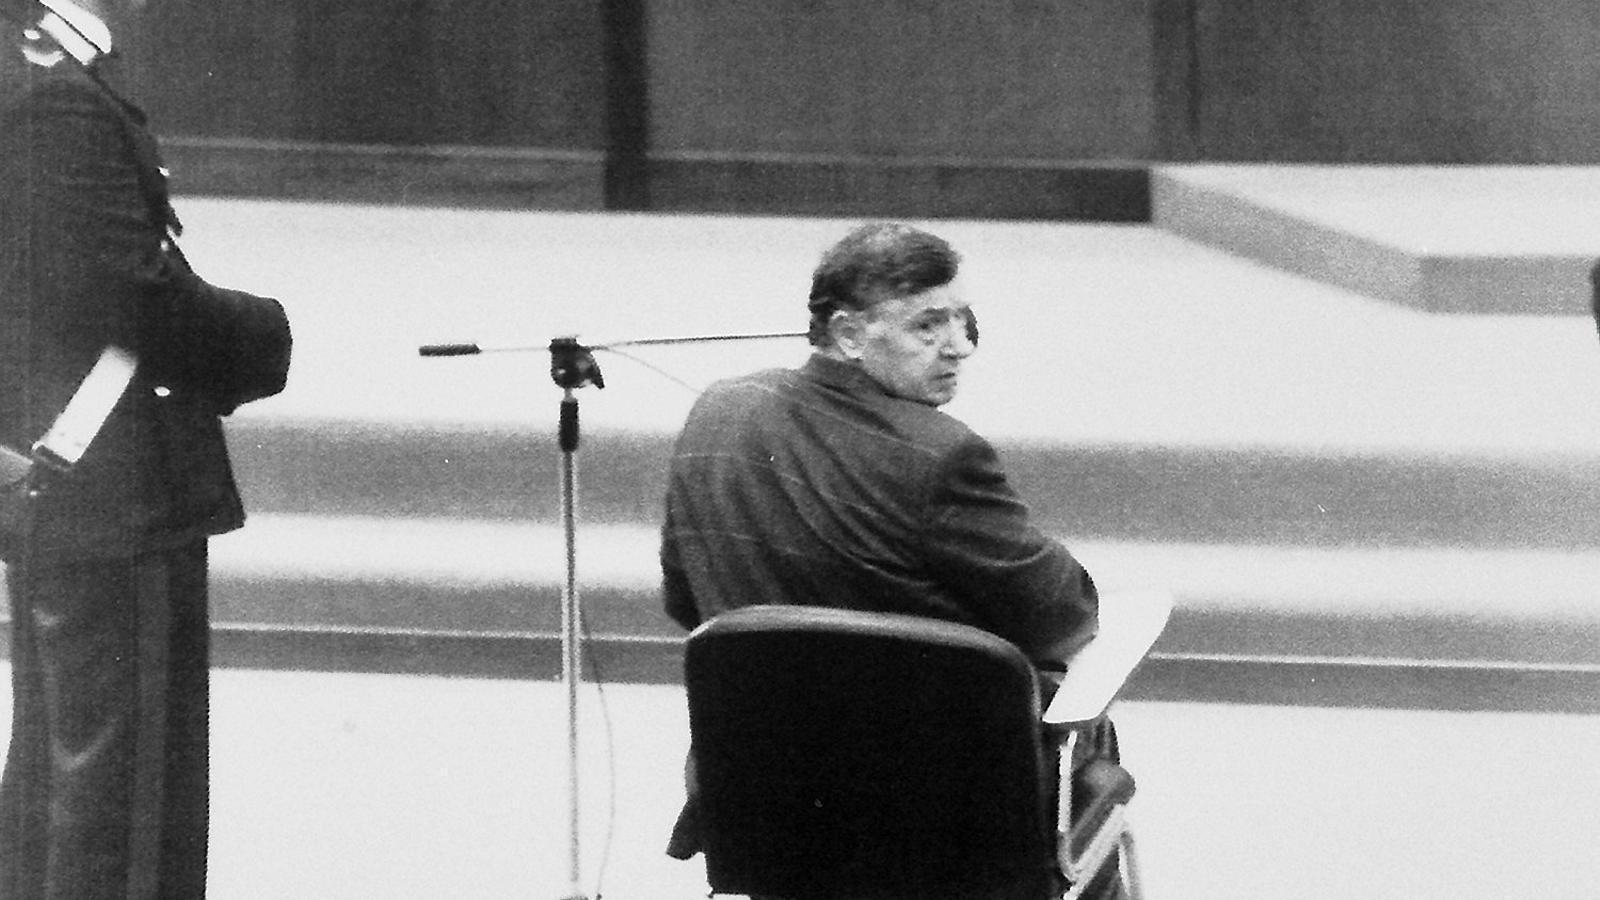 Totò Riina declarant davant el tribunal. És una de les poques imatges que es tenen del mafiós, que va ser detingut el 15 de gener del 1993.